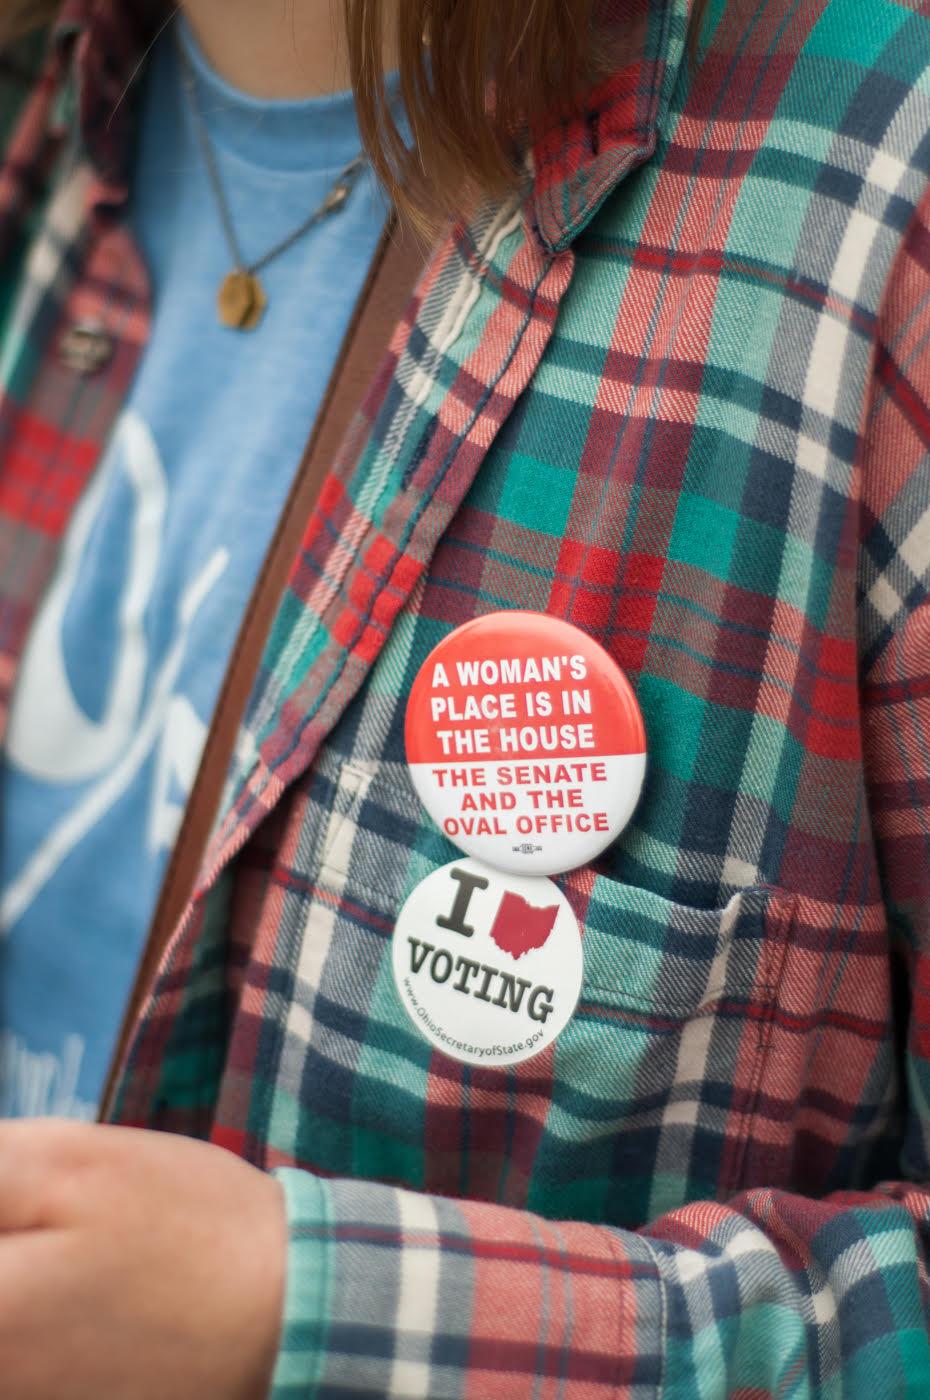 Kellyn+Hoffert%2C+after+voting+in+Fairfield%2C+wears+her+pins+proudly%2C+